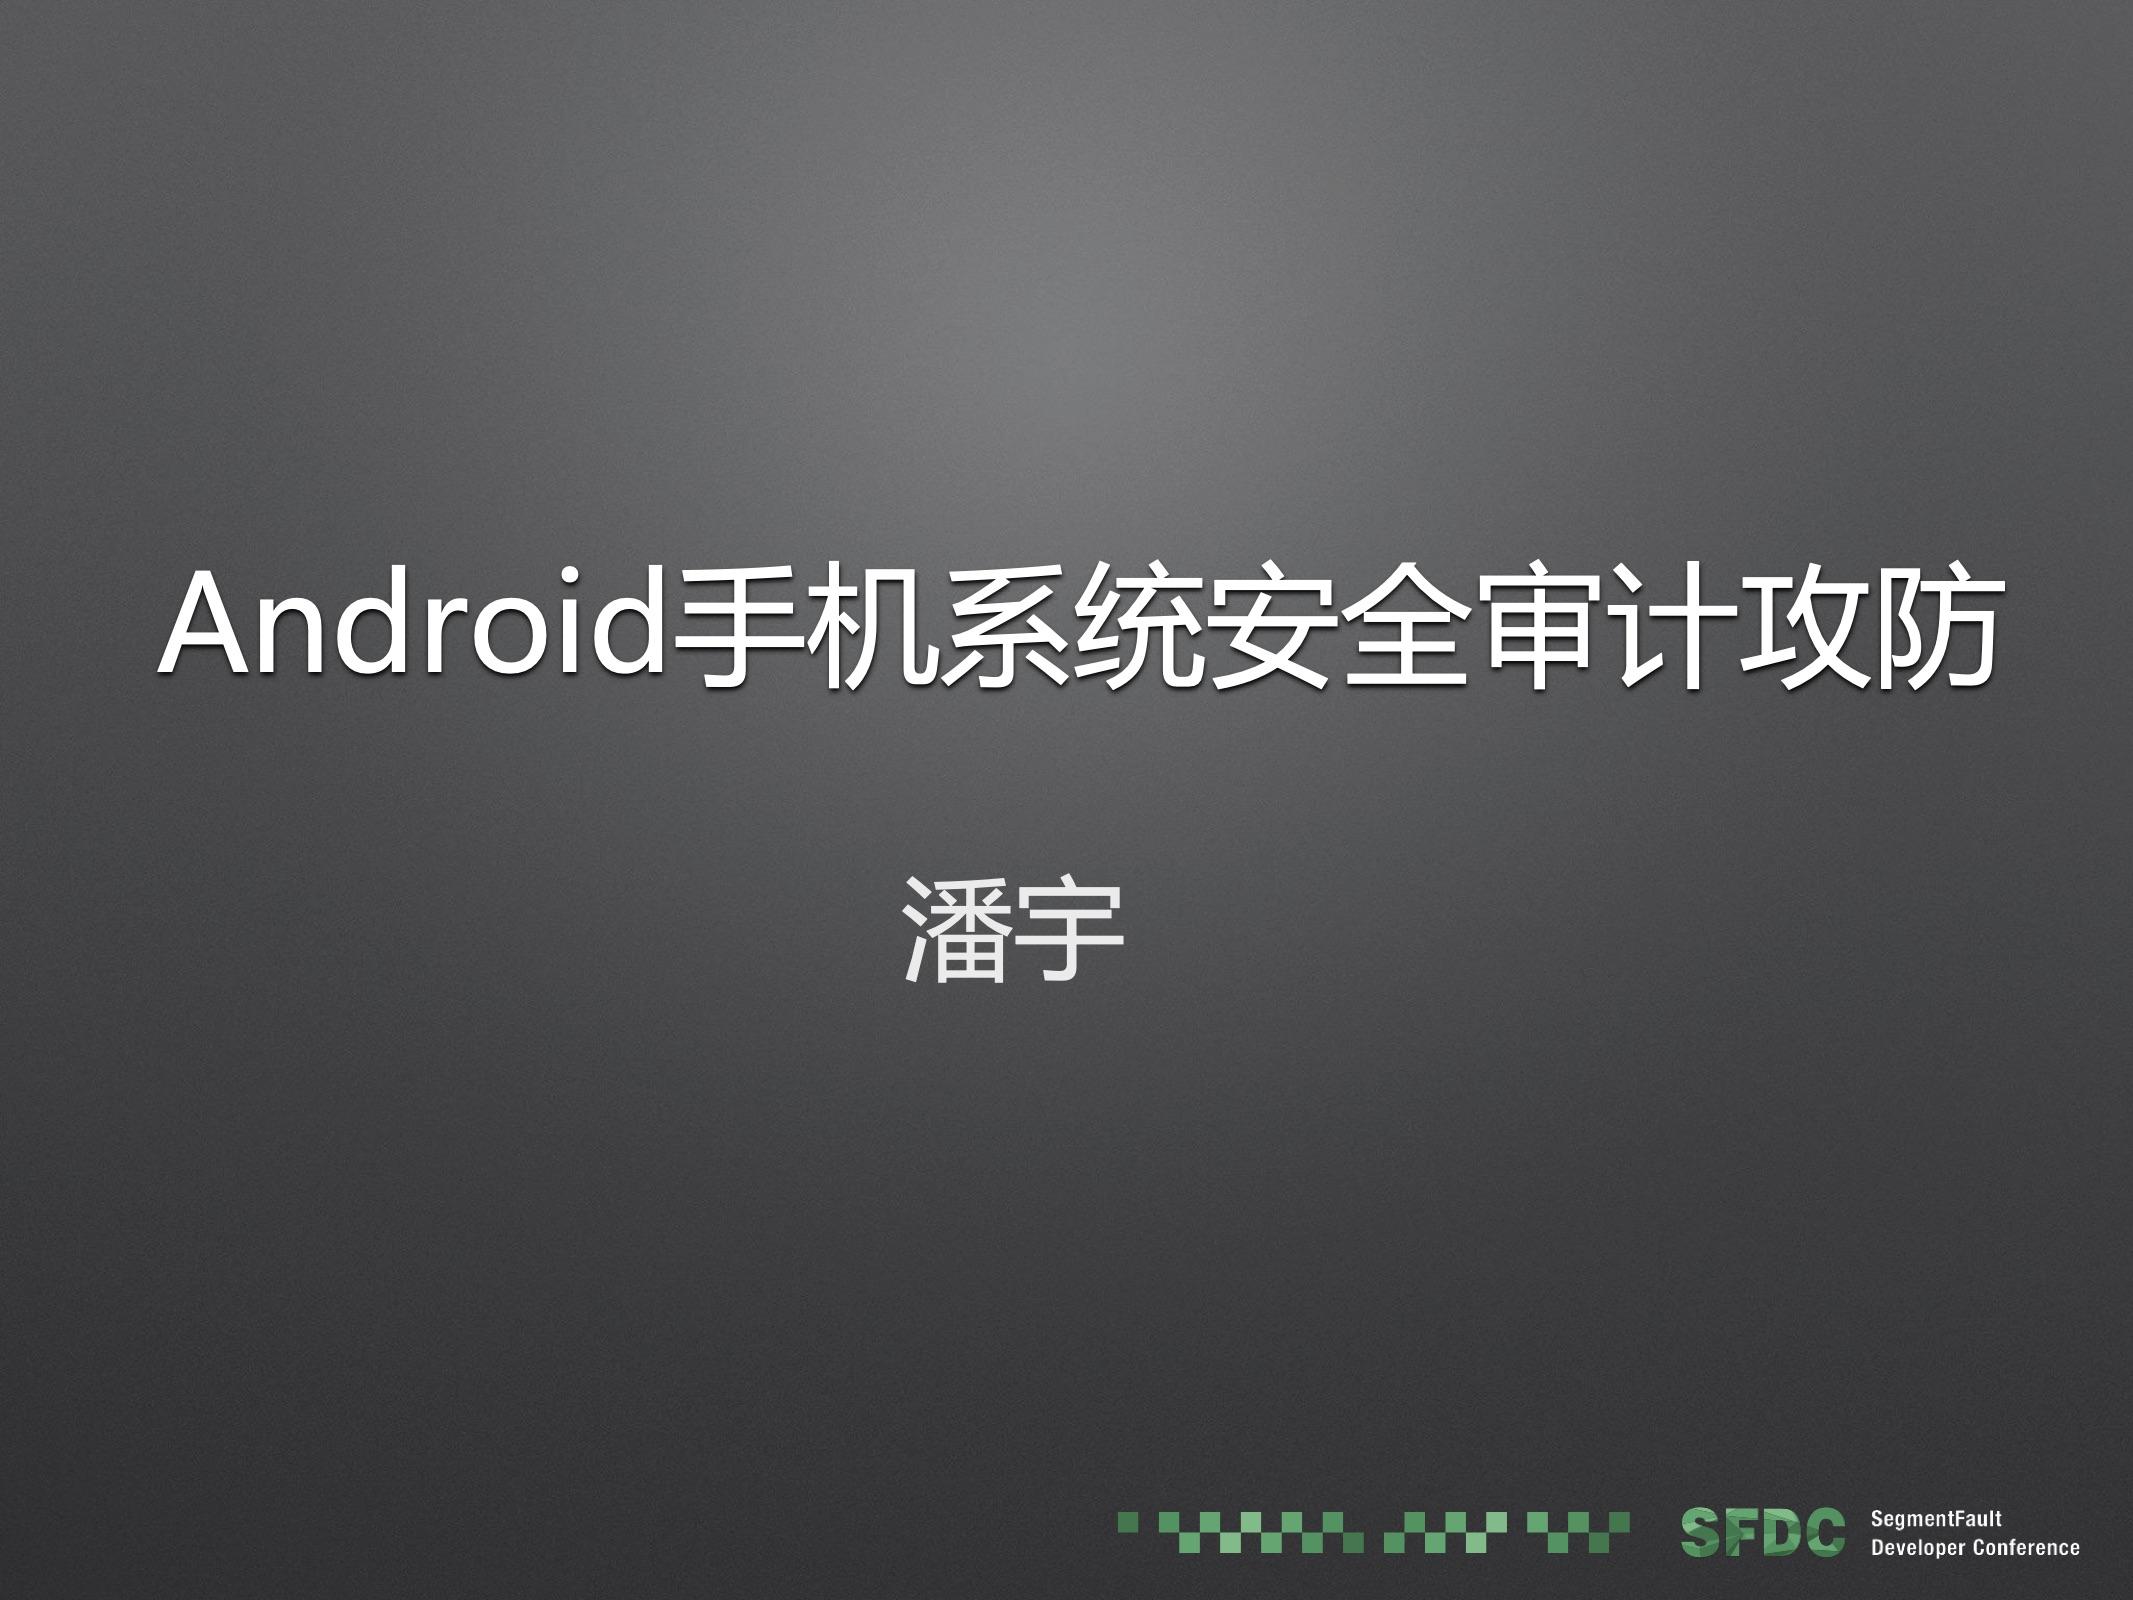 Android手机系统安全审计攻防